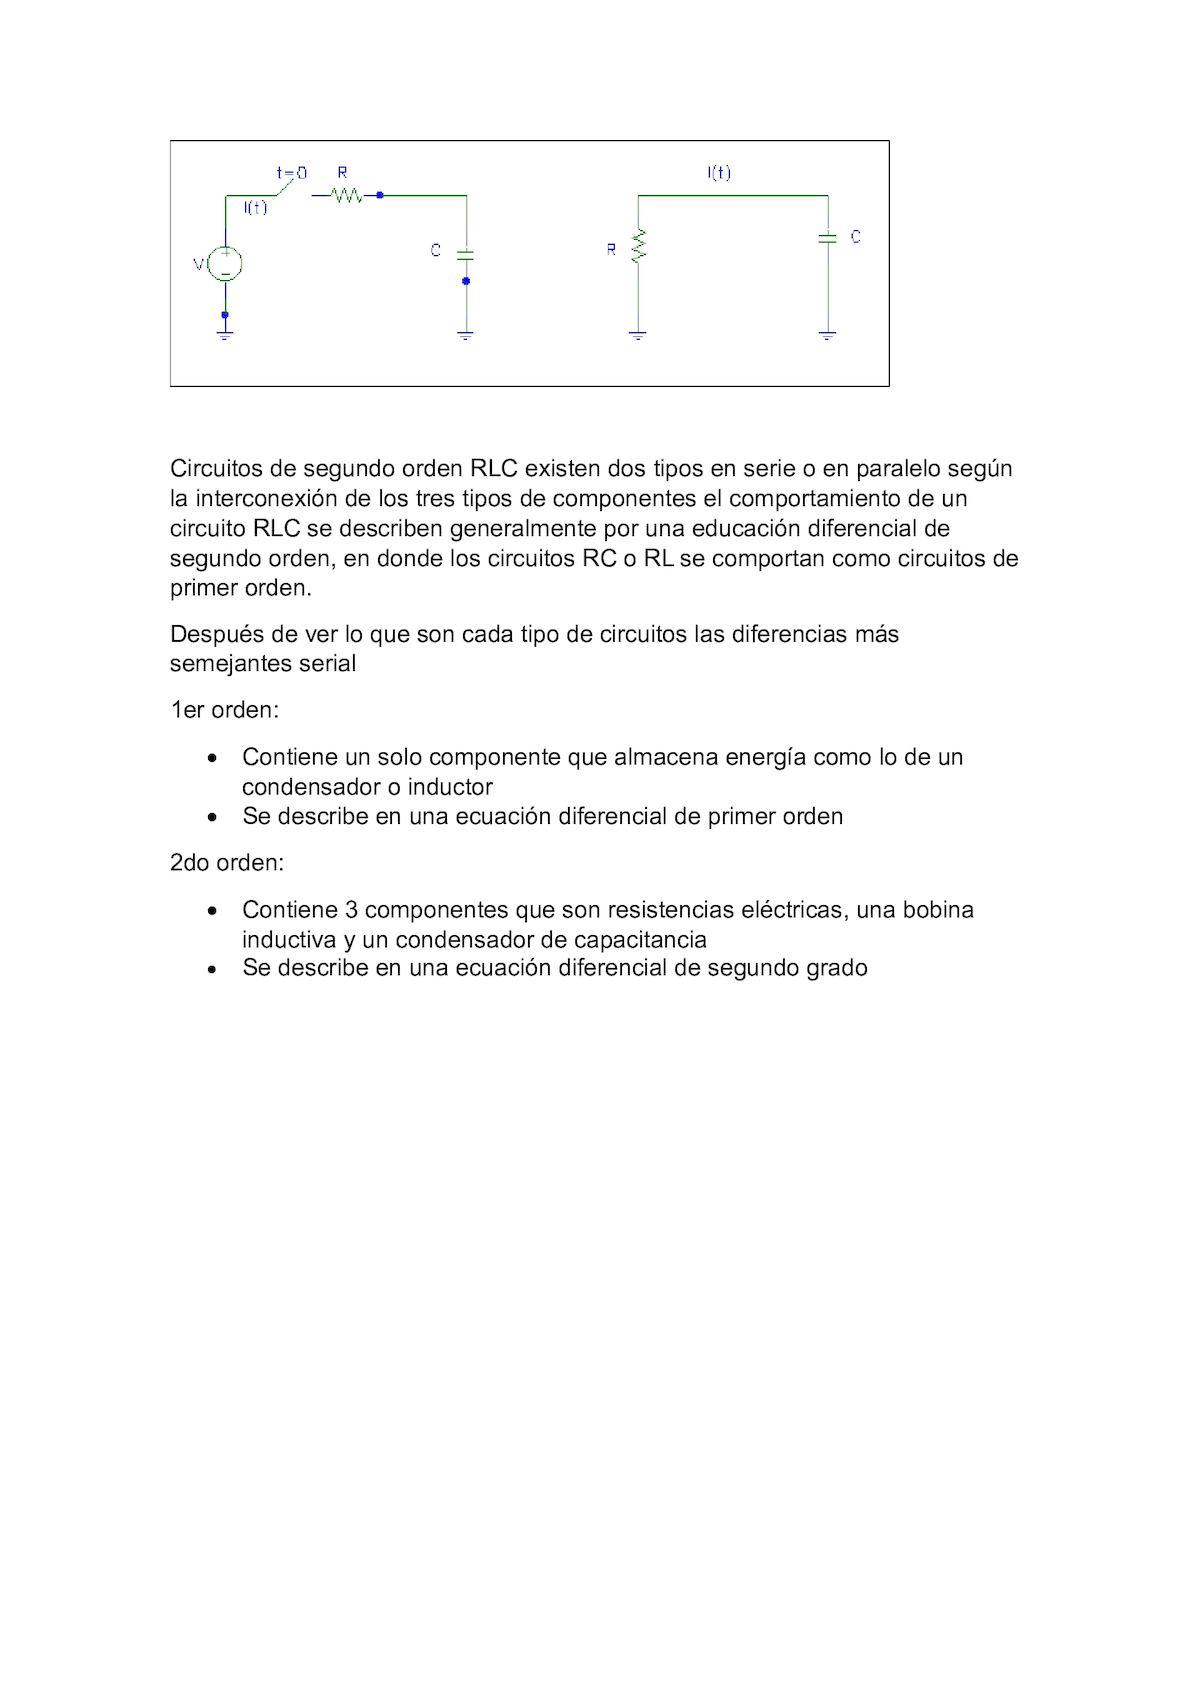 Circuito Rlc : Función de transferencia a partir de diagramas de bloques circuito